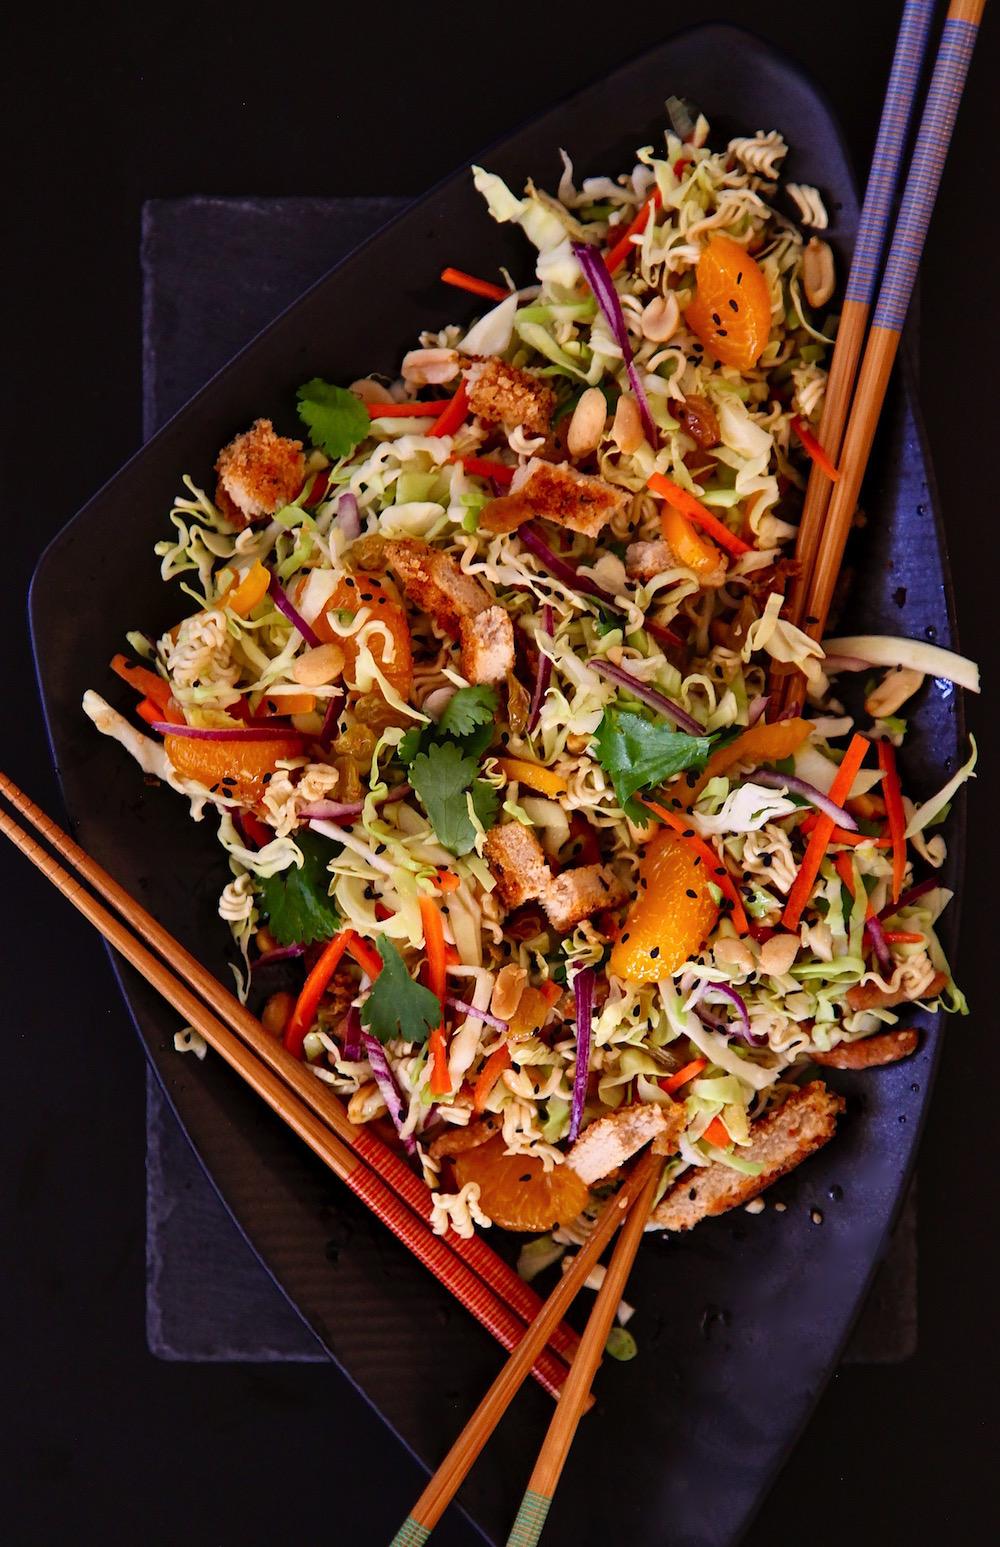 Meatless Sesame Cabbage Salad